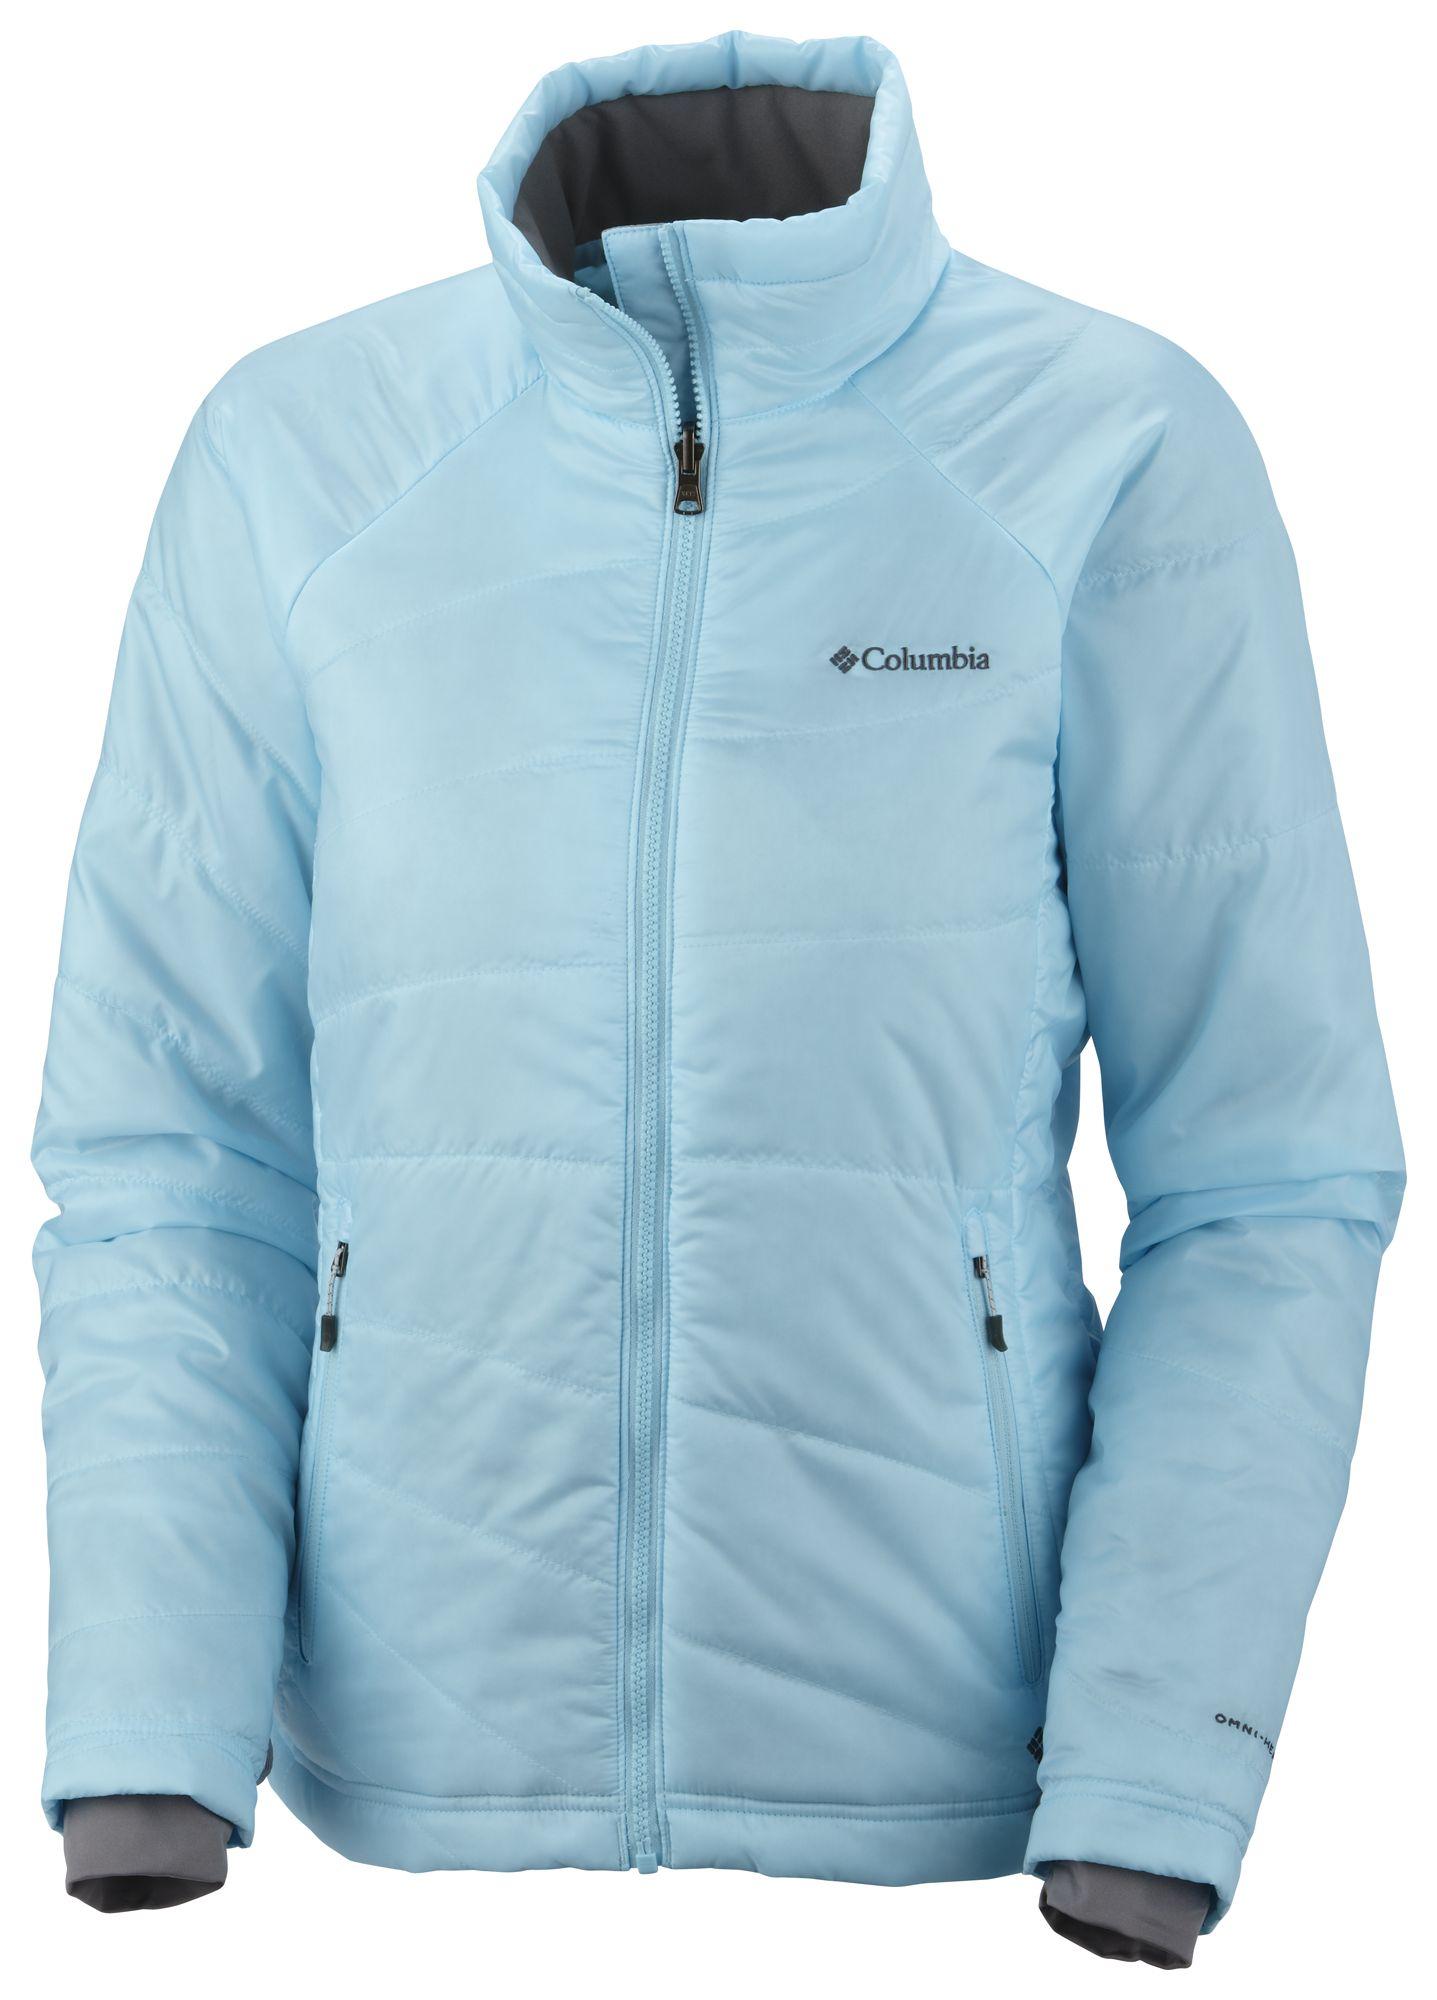 Купить Куртку Только Фирмы Коламбия